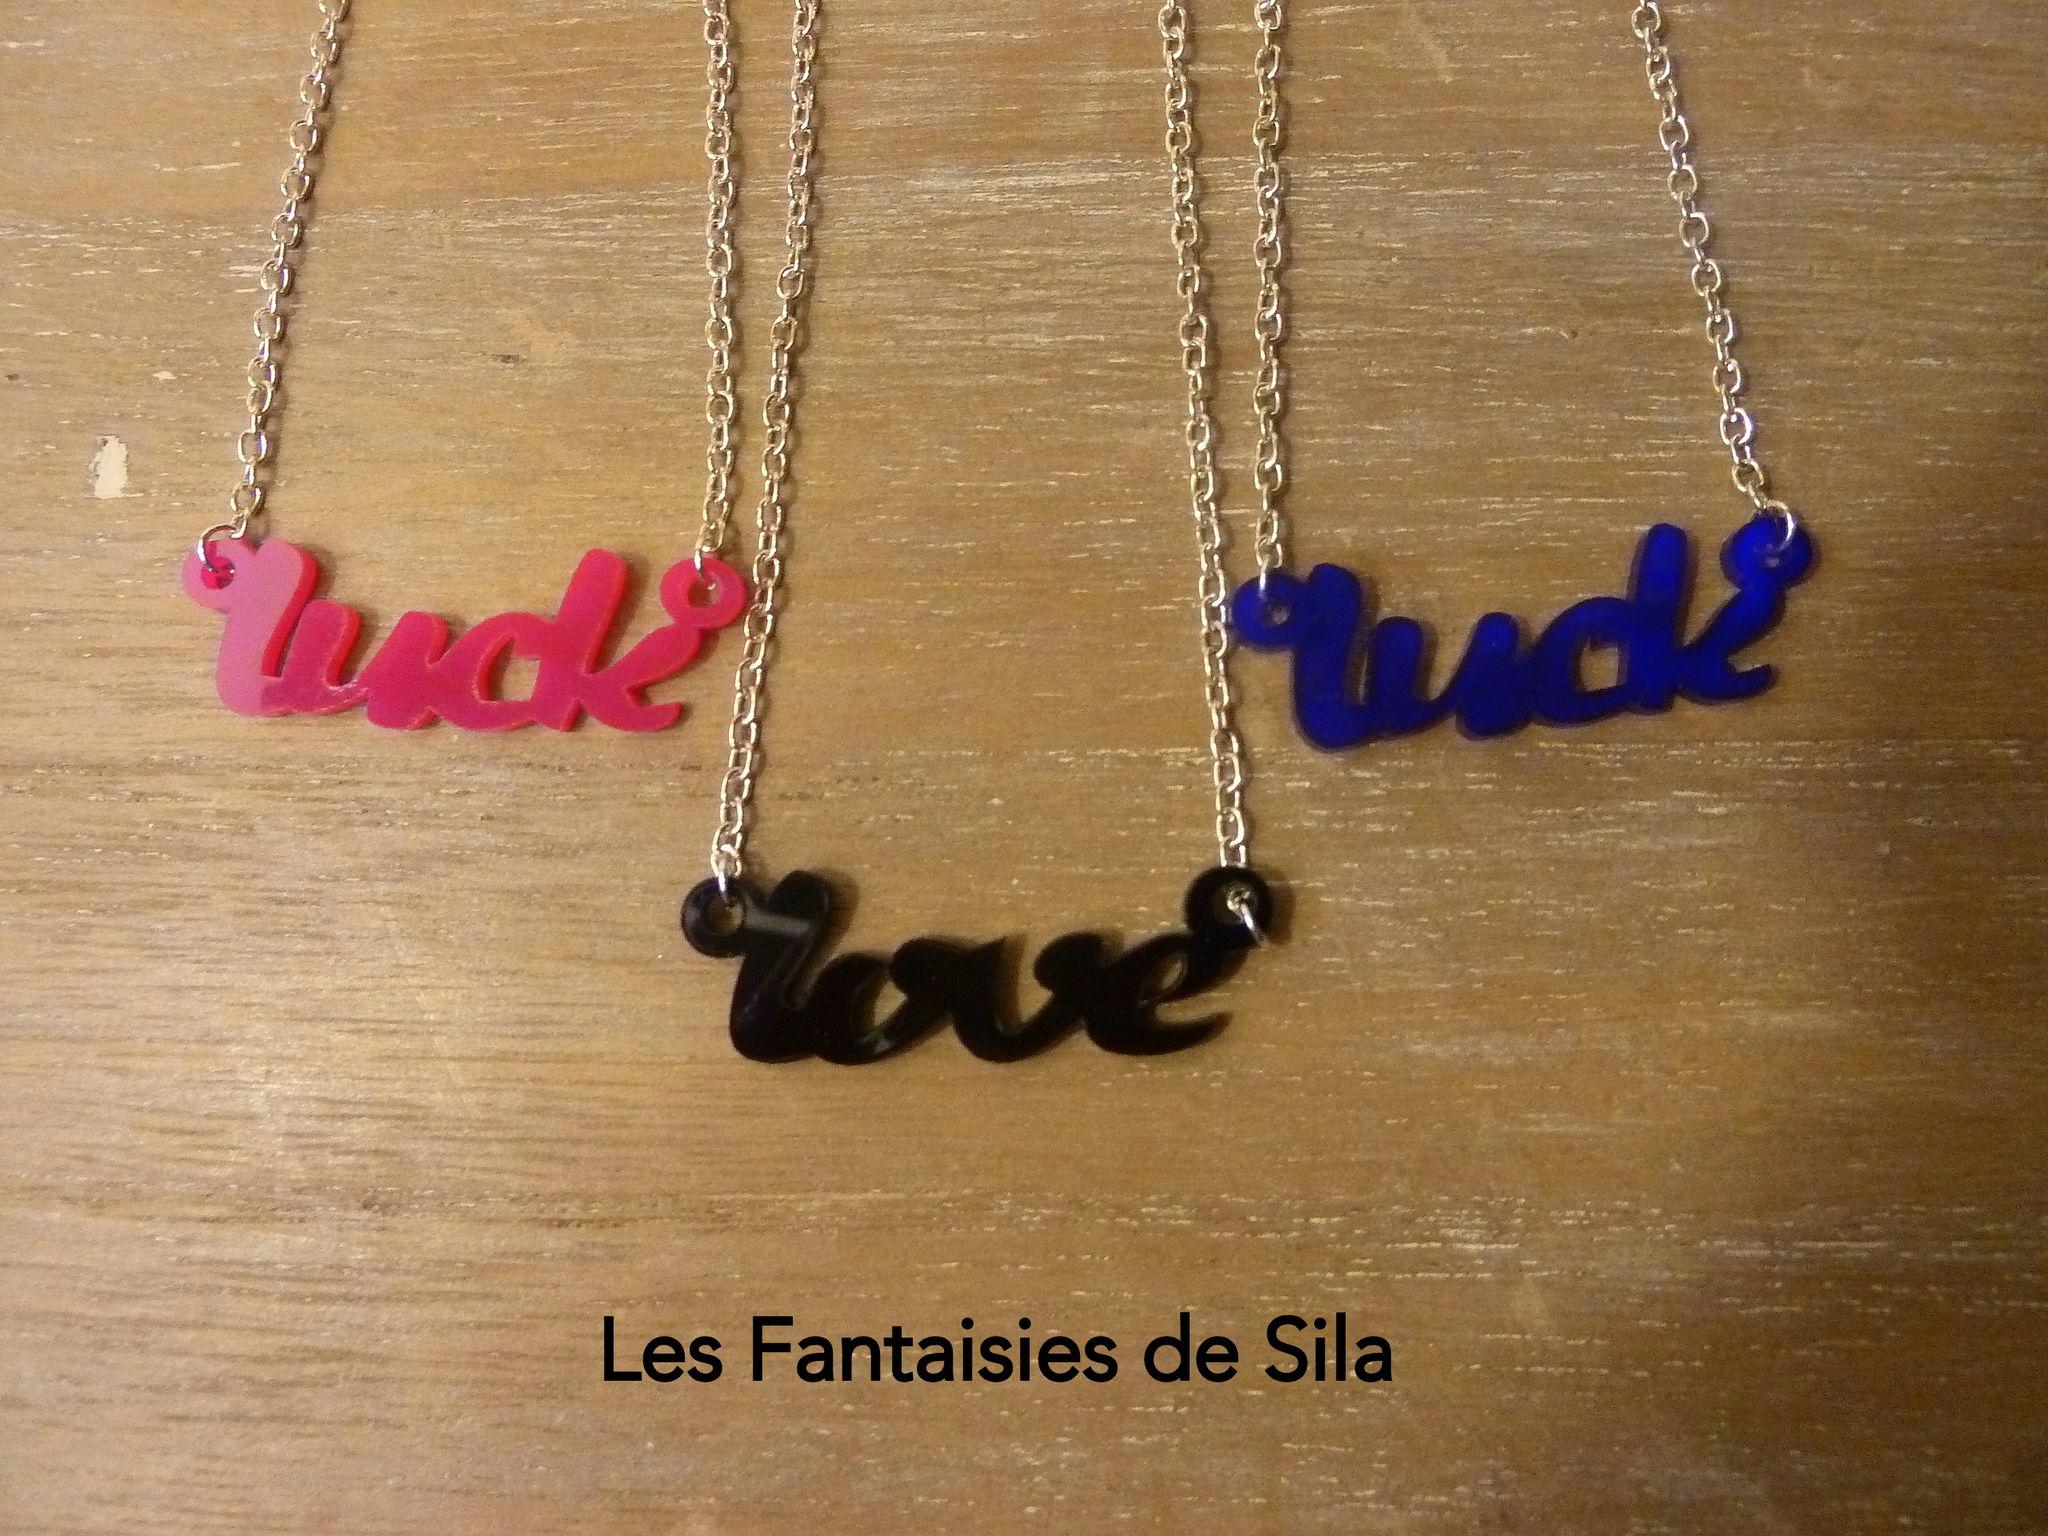 Love & Luck- colori au choix- 20 euros